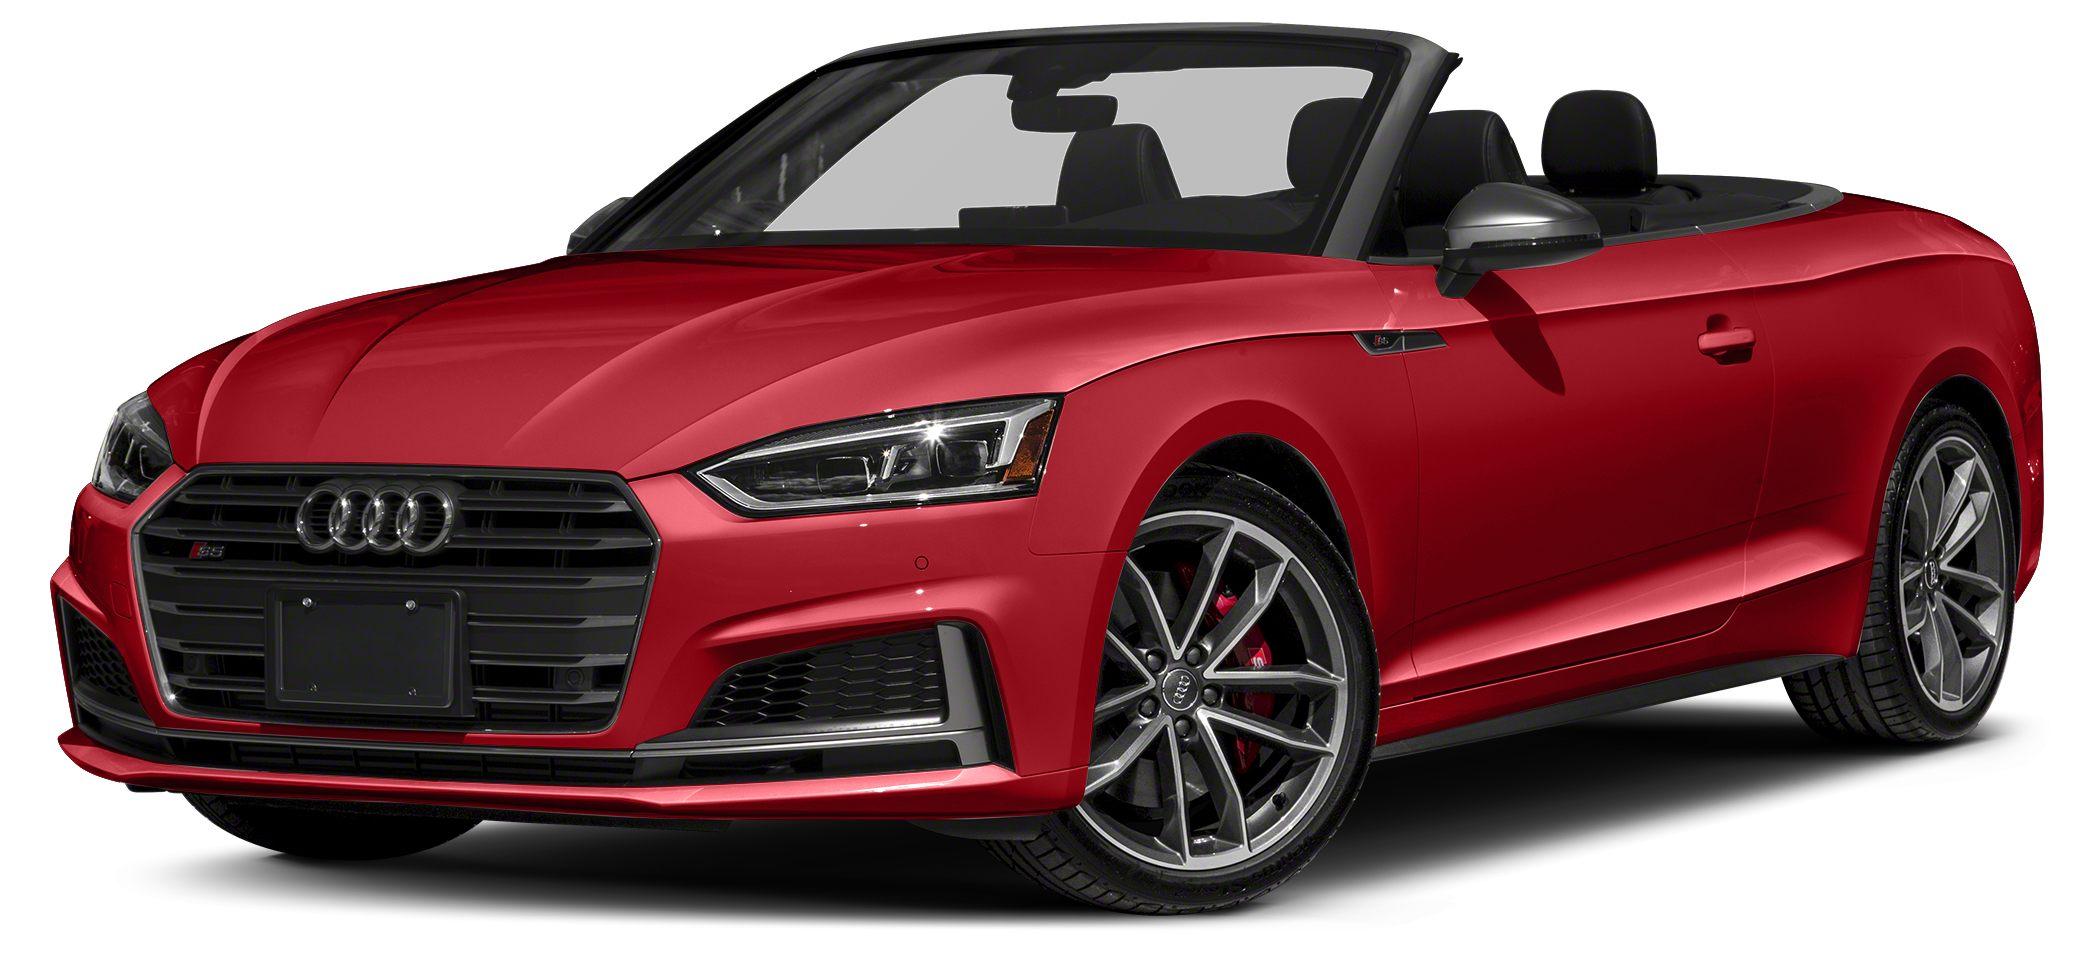 2018 Audi S5 30T quattro Premium Plus Optional equipment includes Prestige S Sport Package Whe